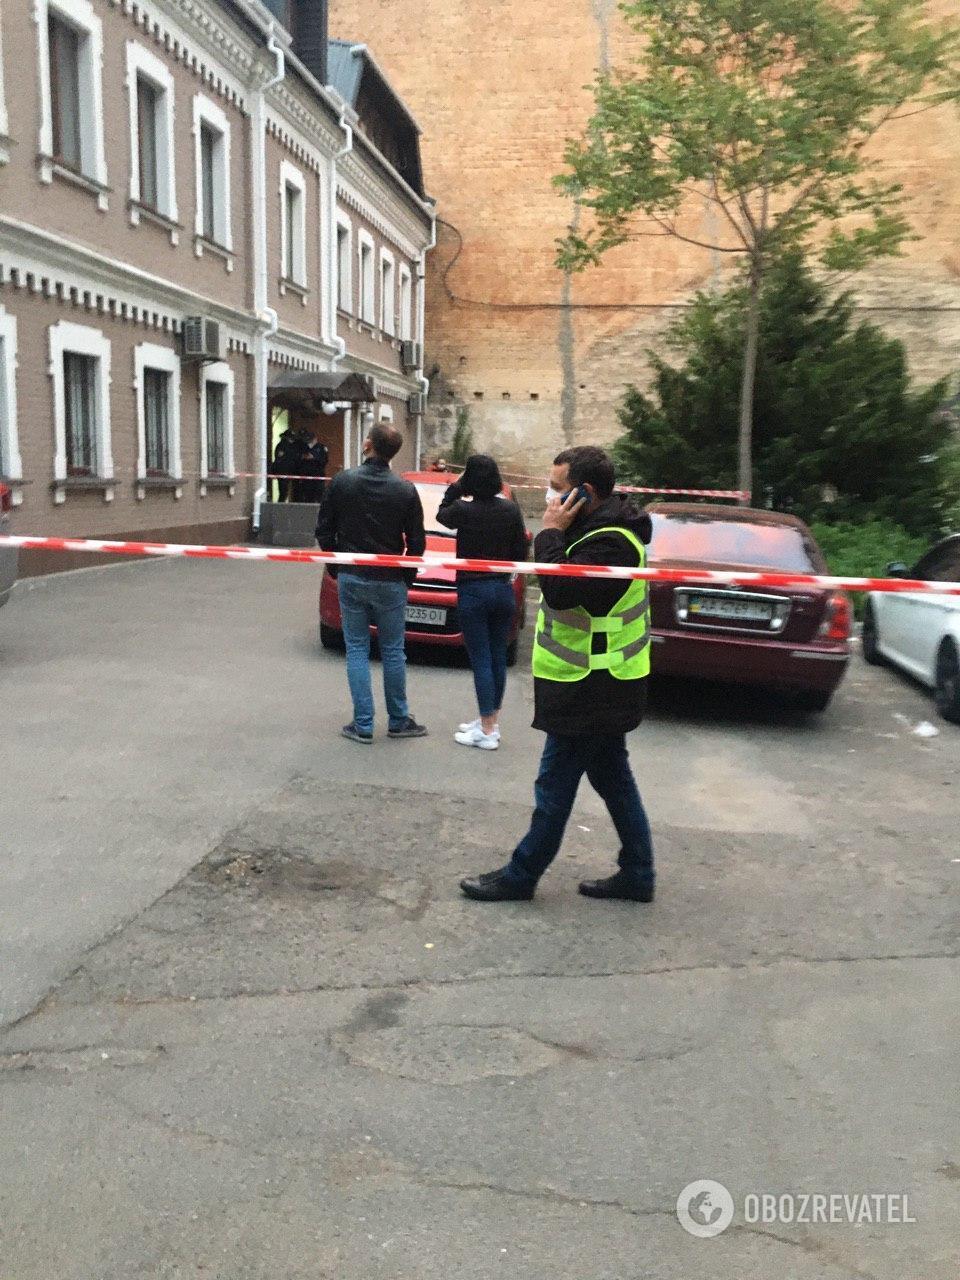 У Києві знайдено застреленим нардепа Давиденка: усі подробиці, фото та відео